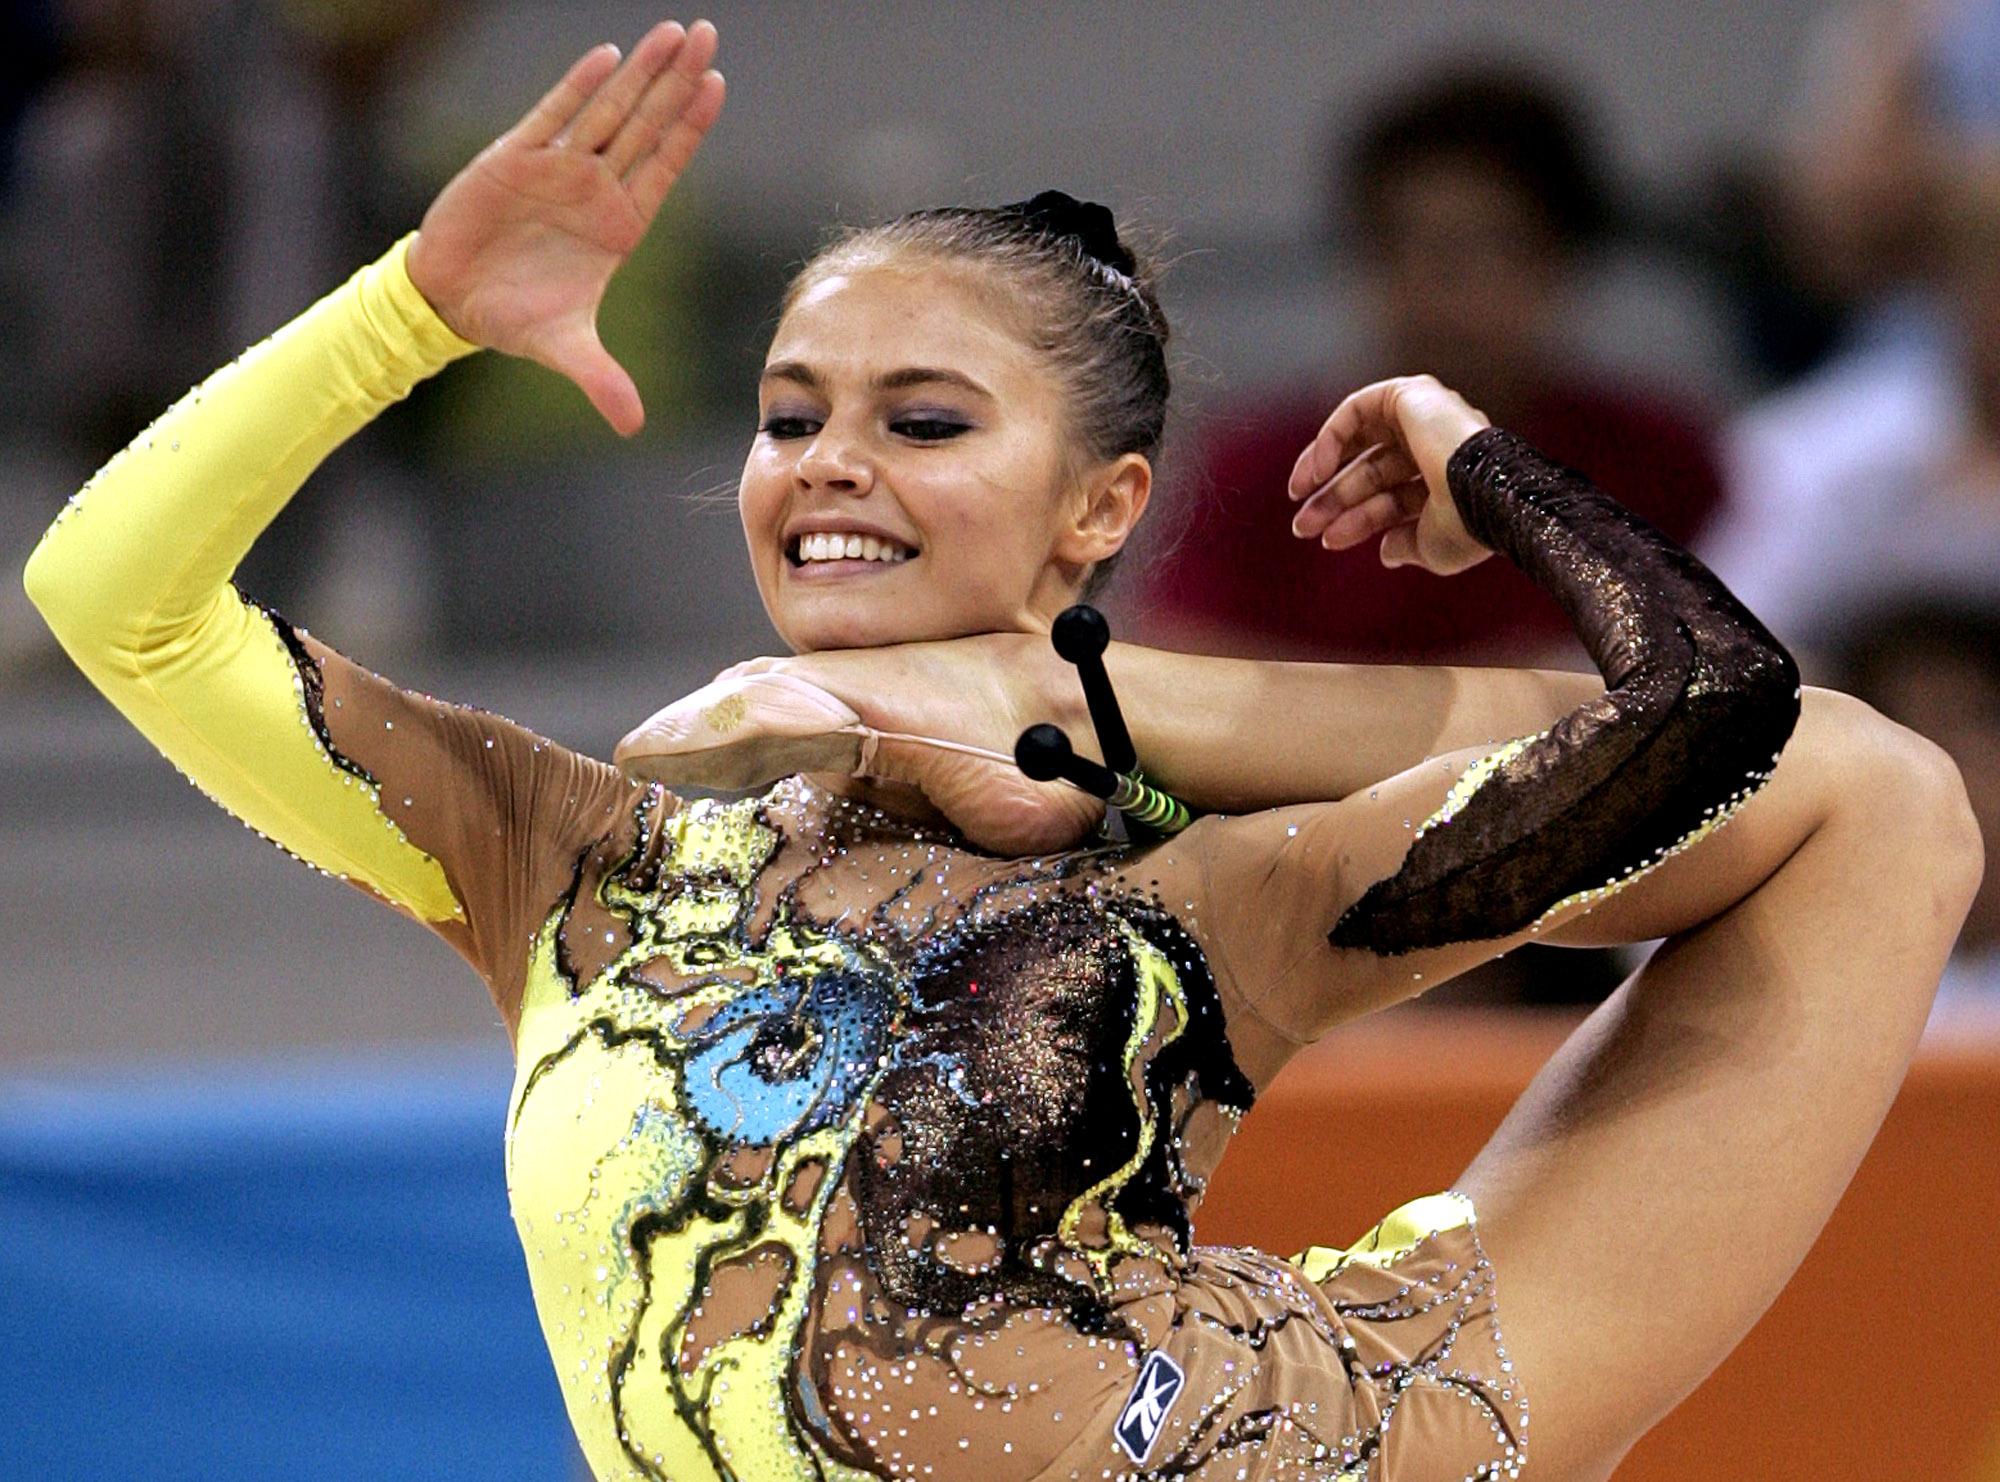 Фото спортсменок художественной гимнастики крупным планом 17 фотография